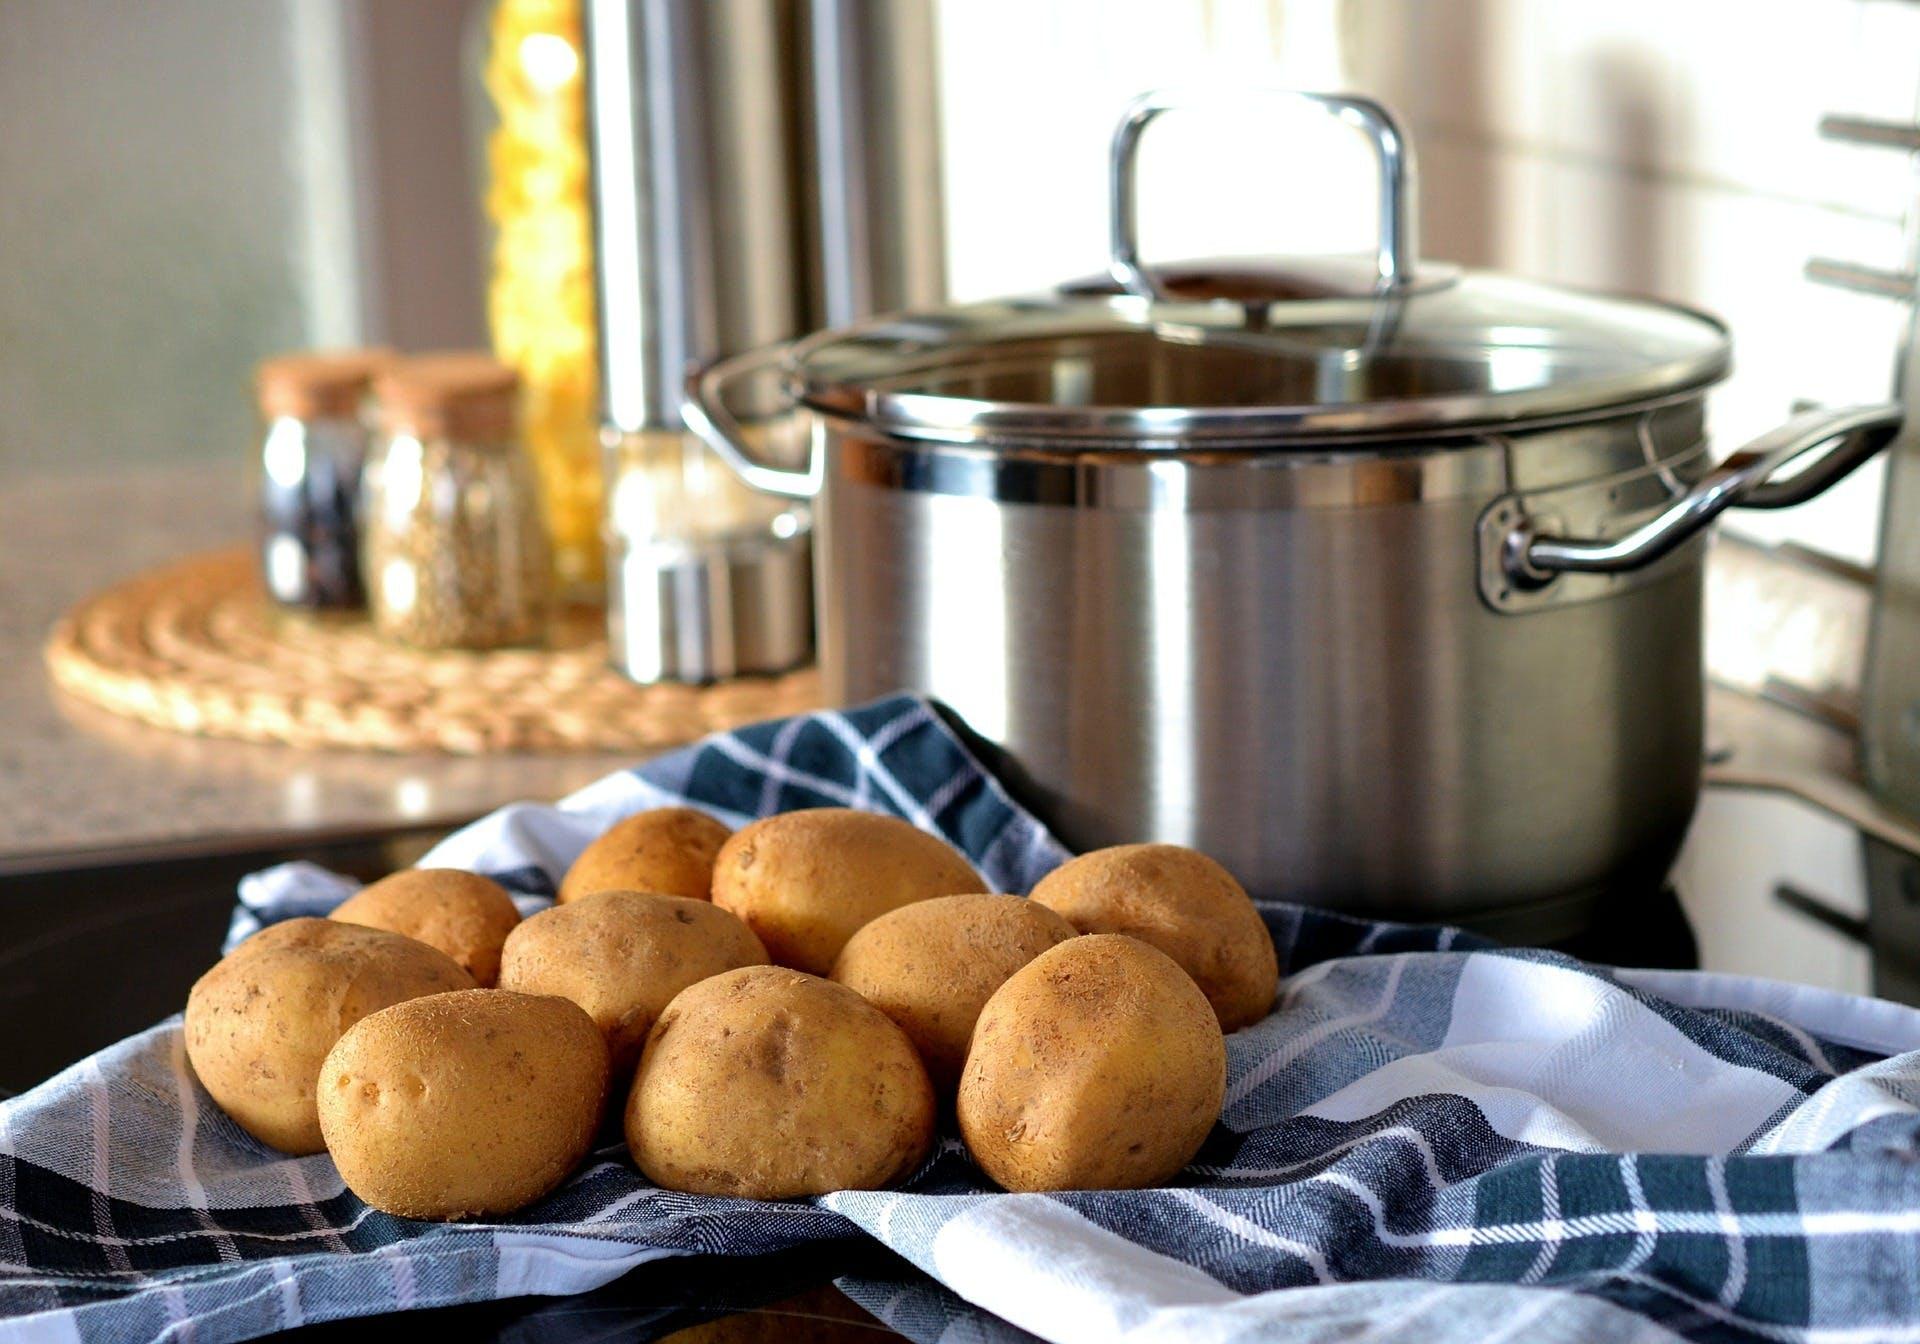 Kuchnia U Pysiaczka Skawina Oficjalna Strona Zamow Online